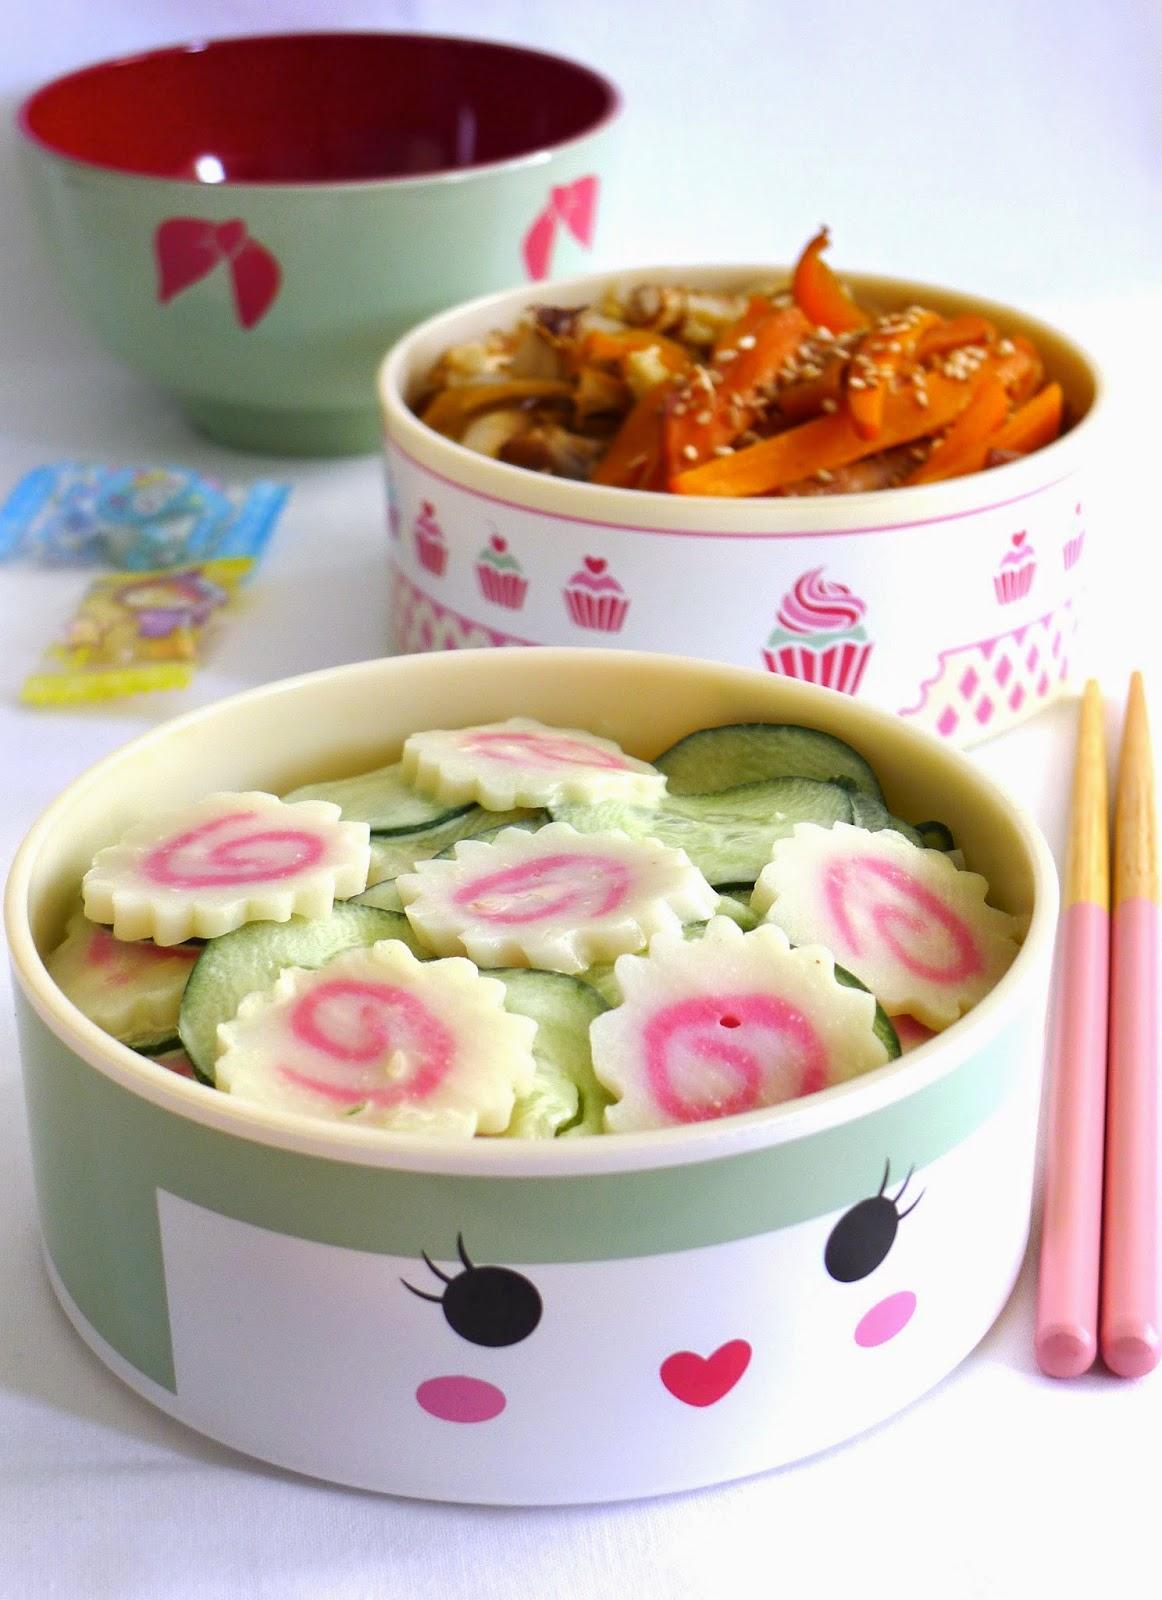 salade concombre naruto et mayonnaise au wasabi recettes pour mon bent. Black Bedroom Furniture Sets. Home Design Ideas